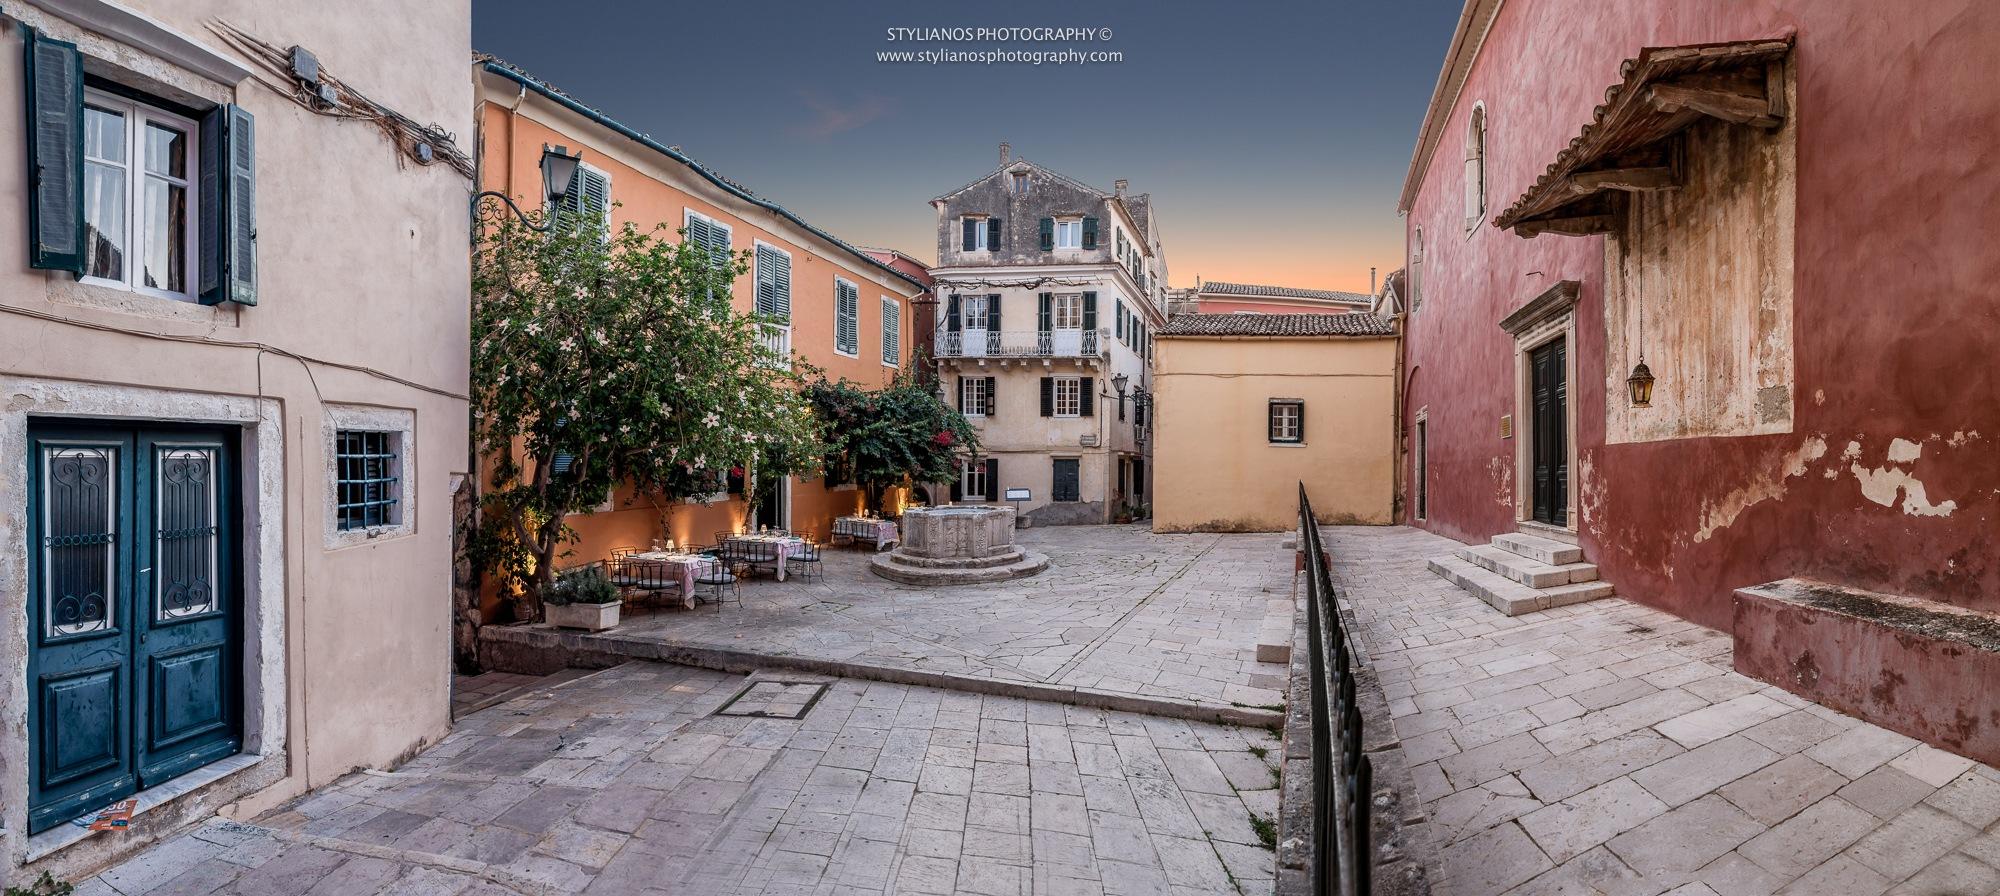 Kremasti - Corfu Old Town by Stylianos lavranos